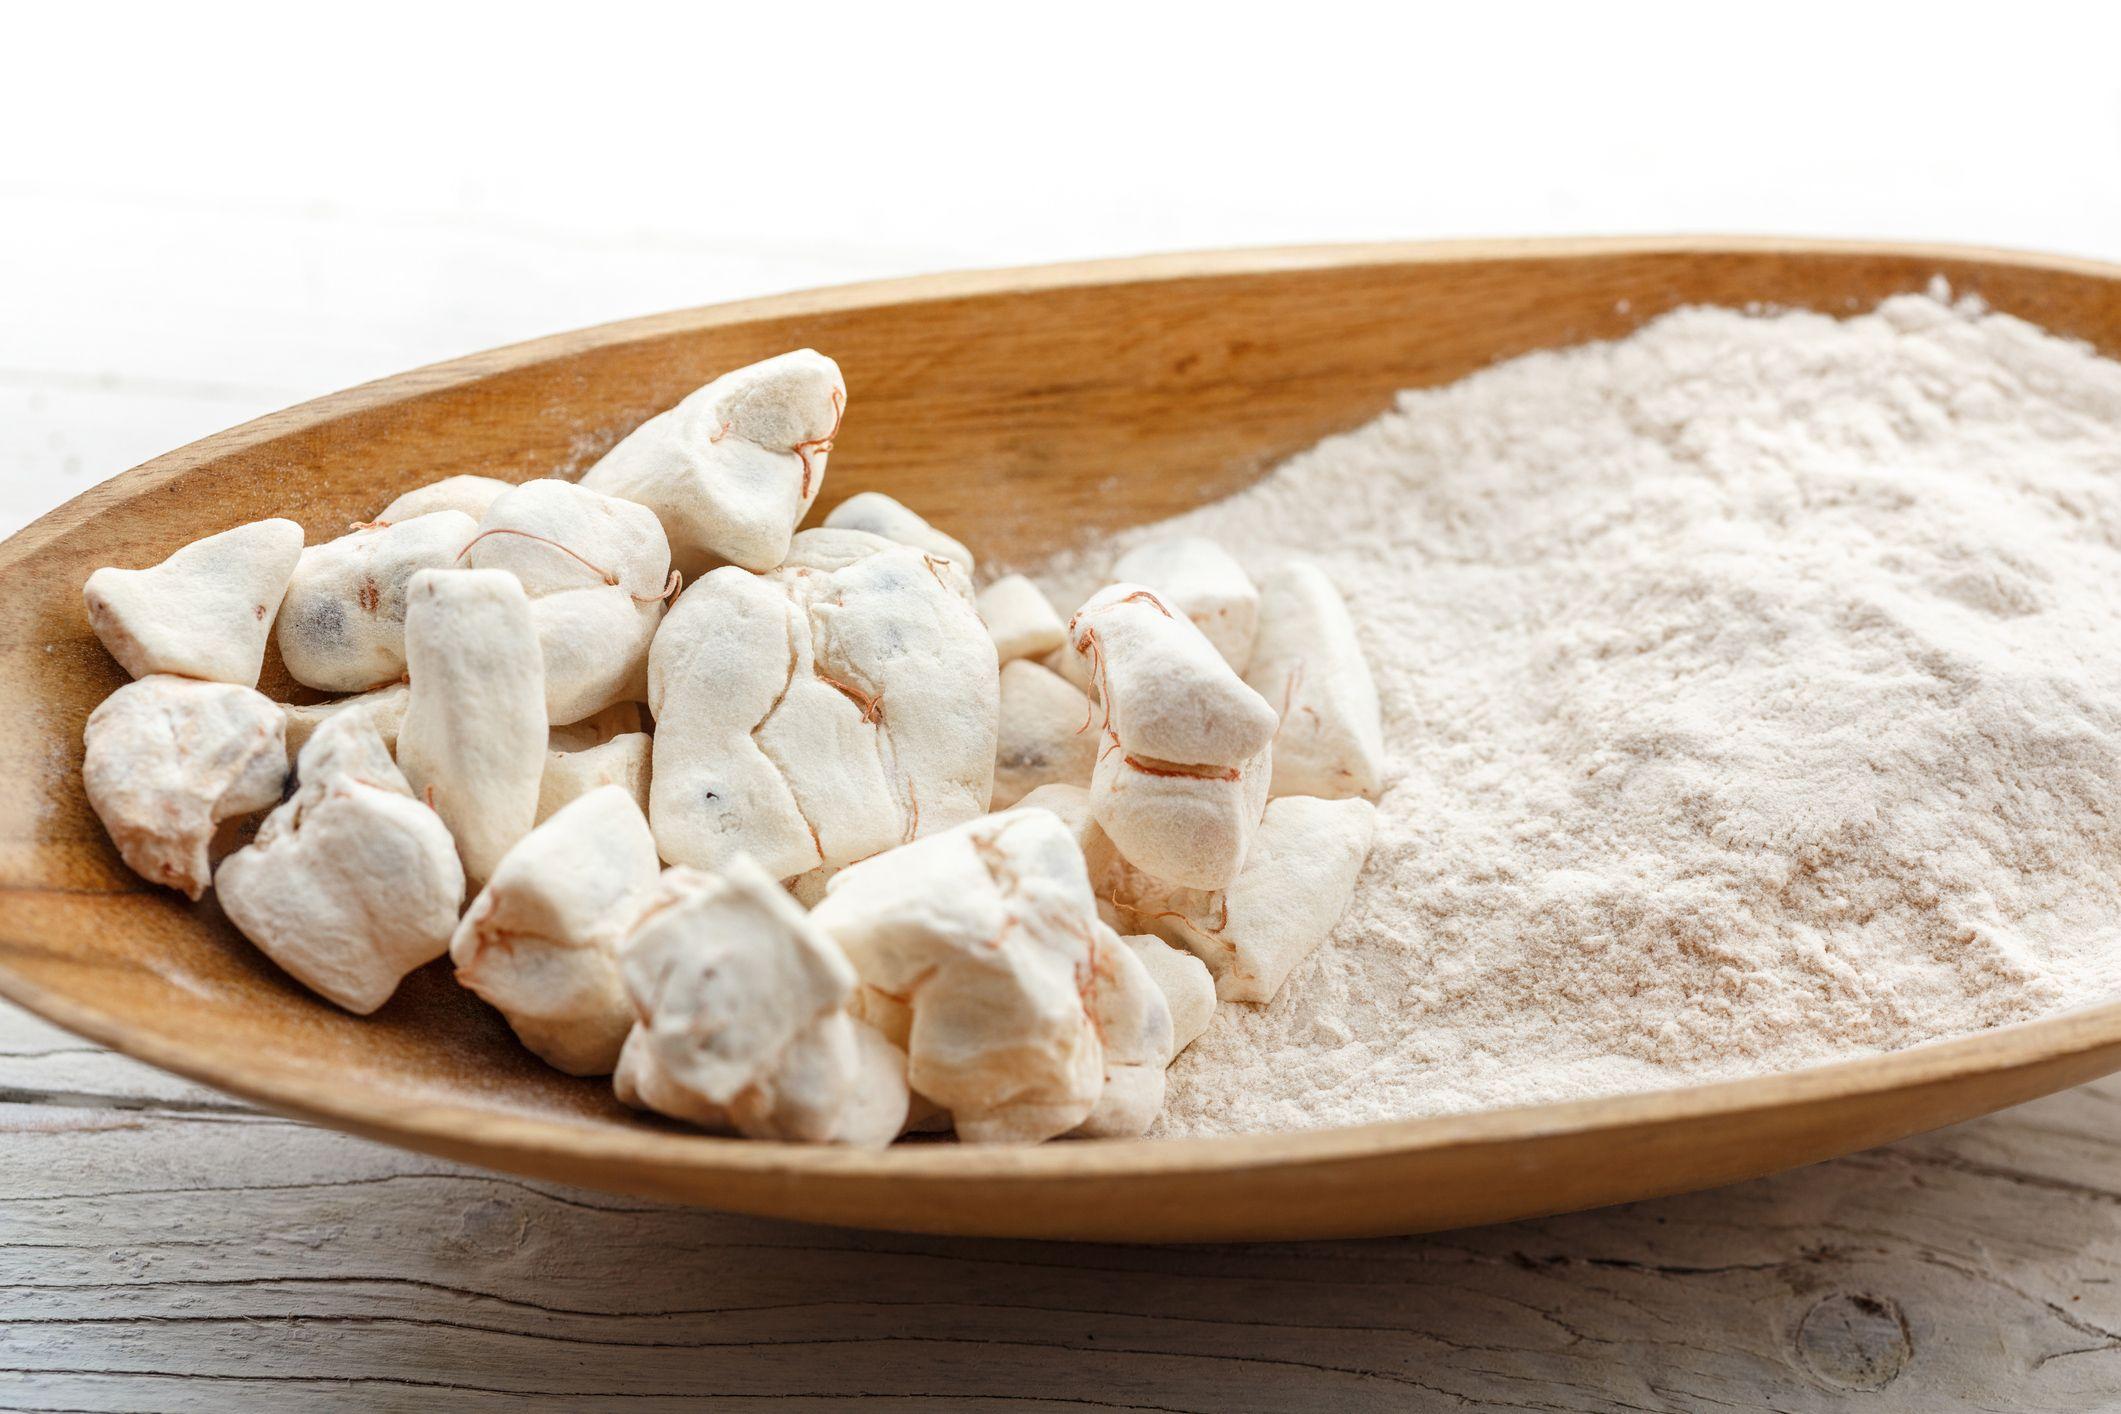 Salud: pulpa de fruta de baobab para fortalecer el cuerpo - El ...